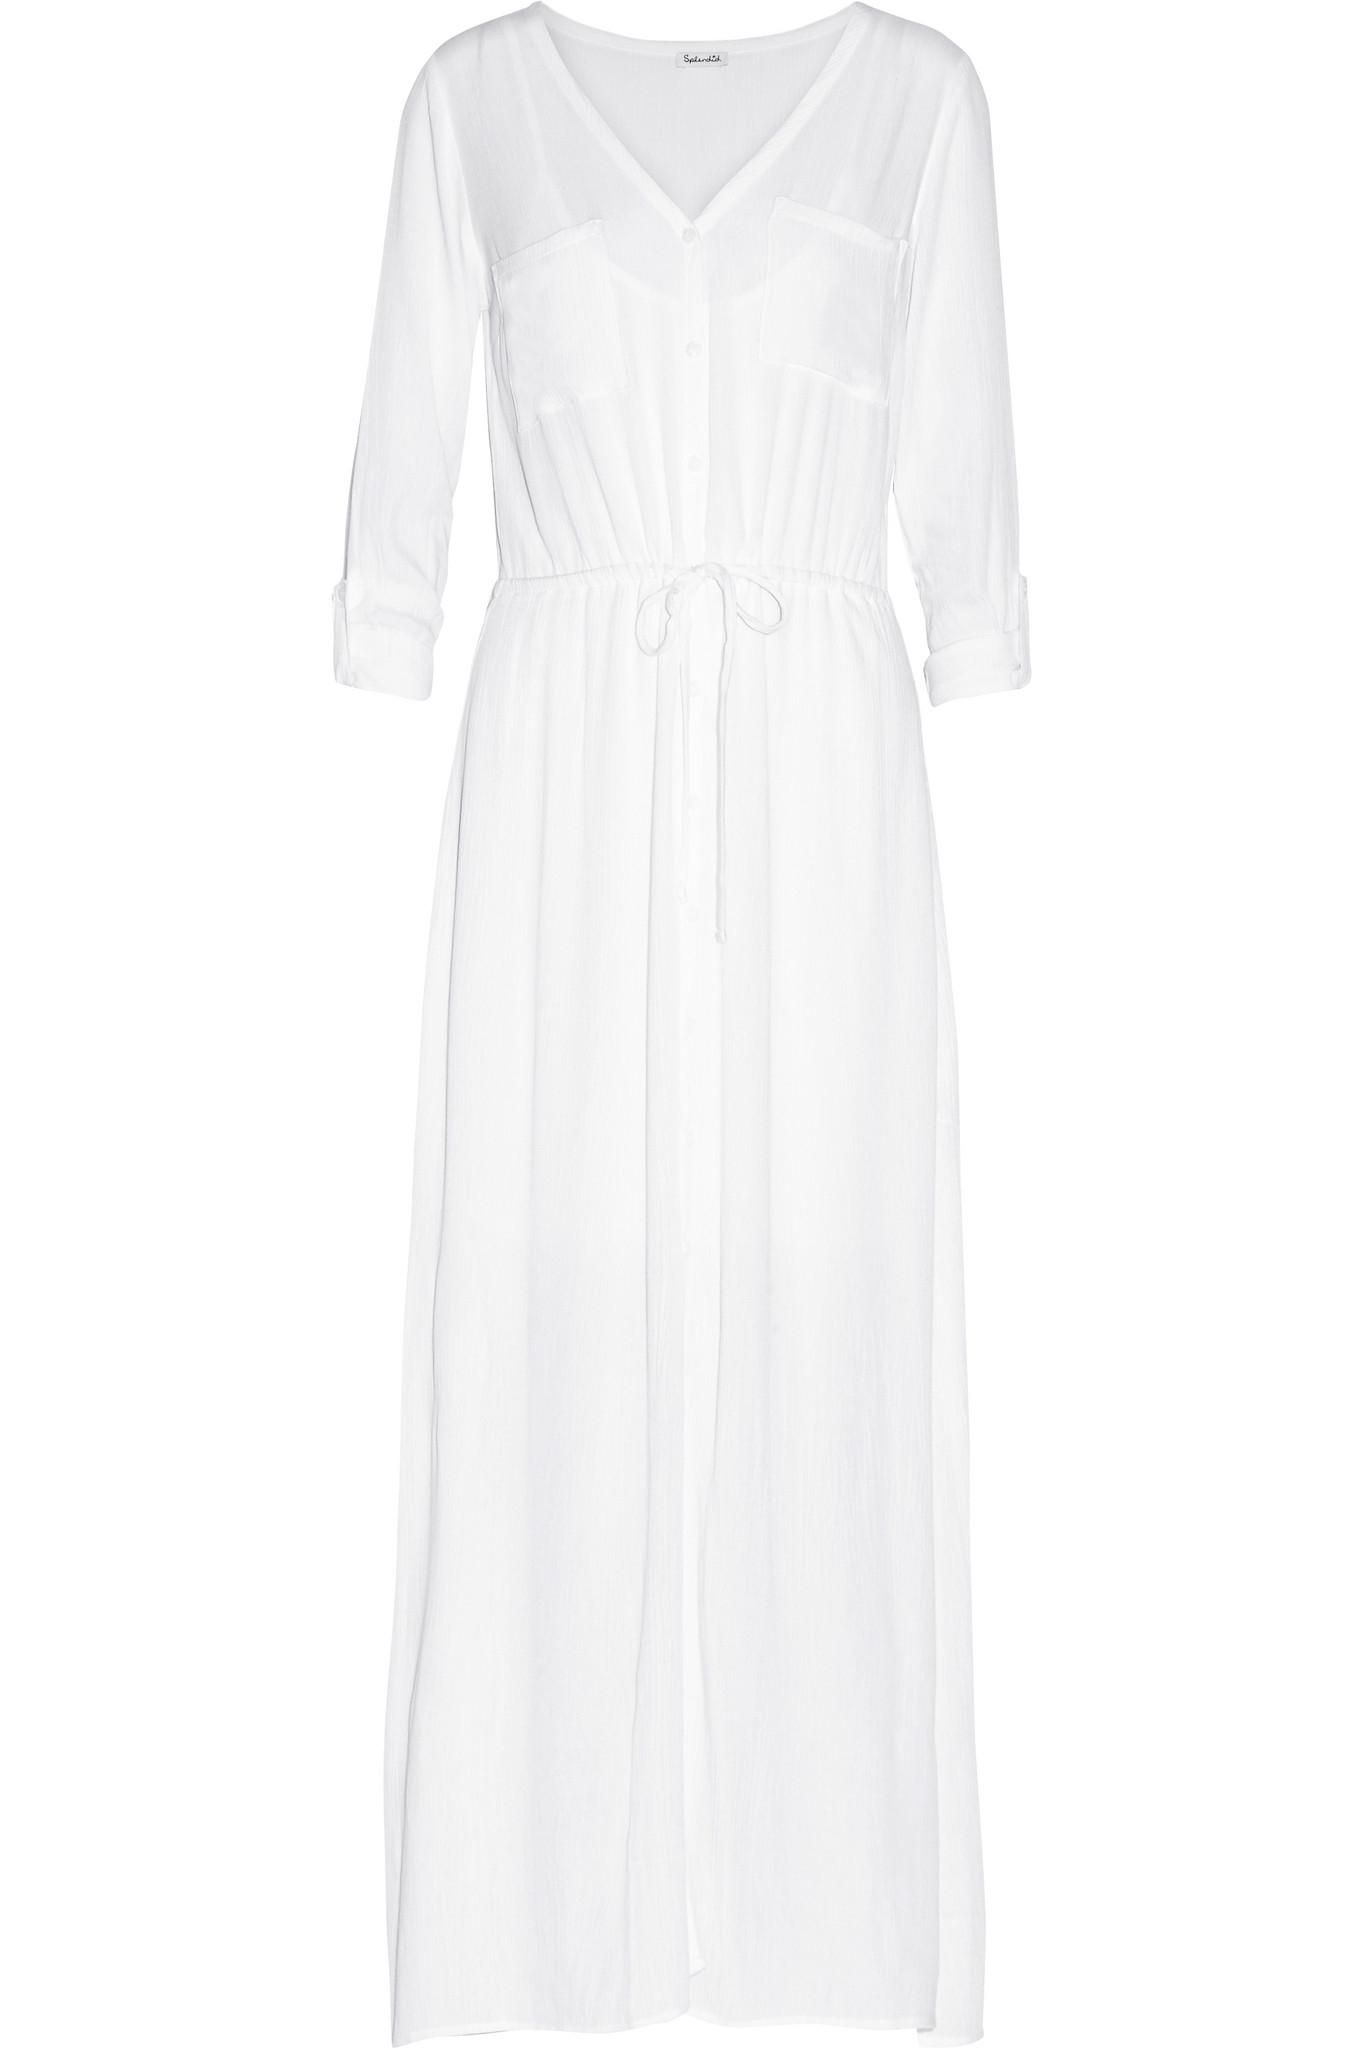 d73066a63 Splendid Crinkled-gauze Maxi Dress in White - Lyst